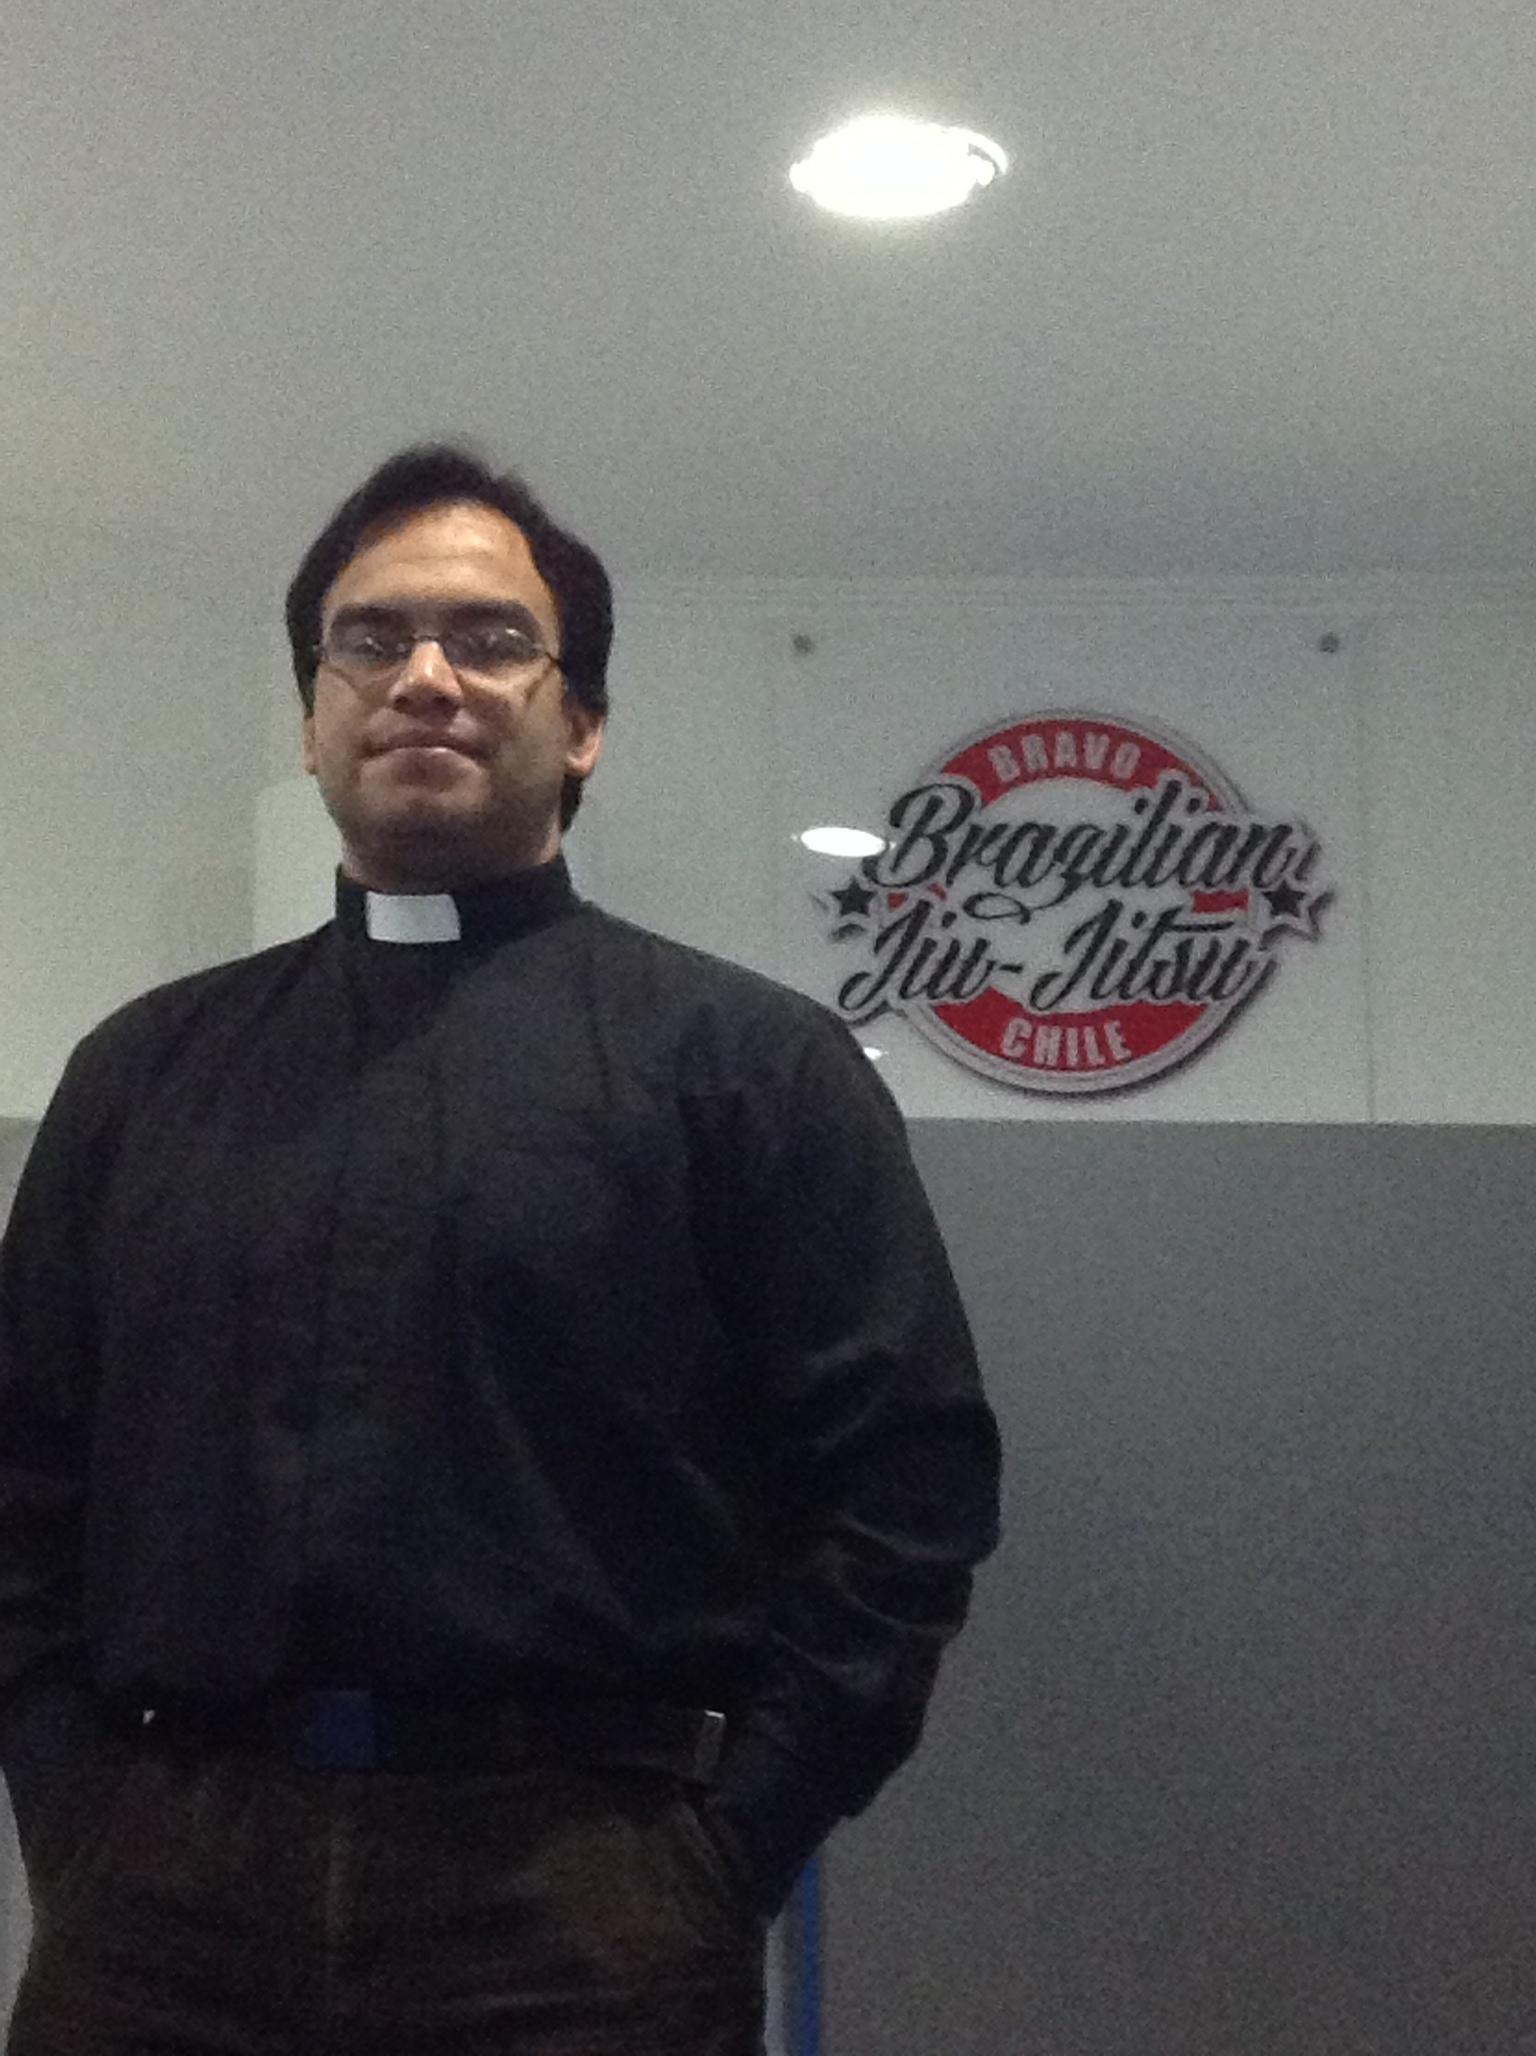 Victor, a priest trains at Bravo Sport Club in Vinã del Mar, Chile. Photo: Personal Archive